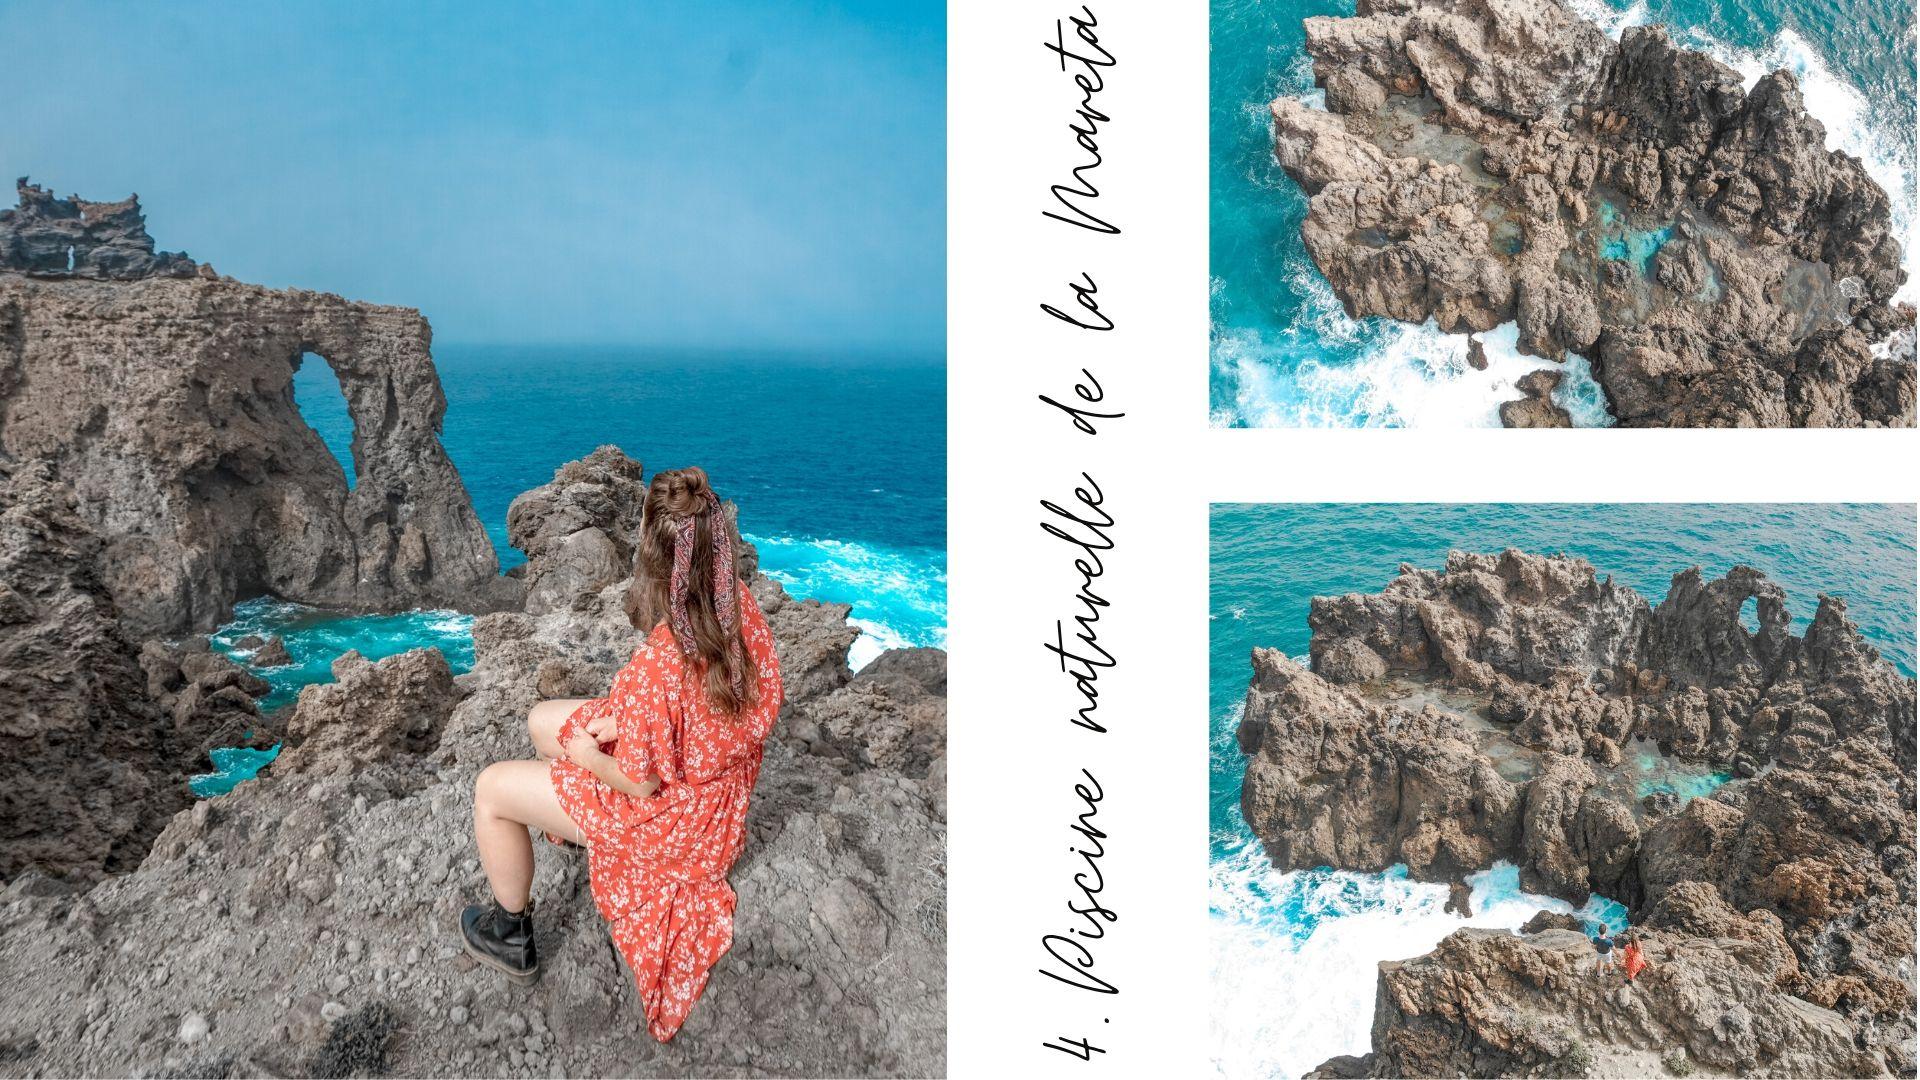 Top 5 Des Plus Belles Piscines Naturelles De Tenerife dedans Piscine Naturelle Tenerife